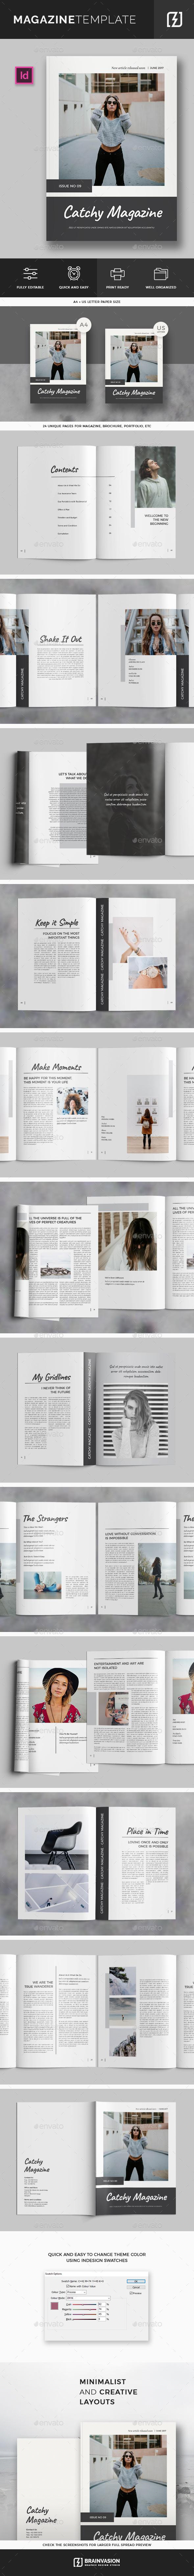 GraphicRiver Magazine Template Vol.05 20334059